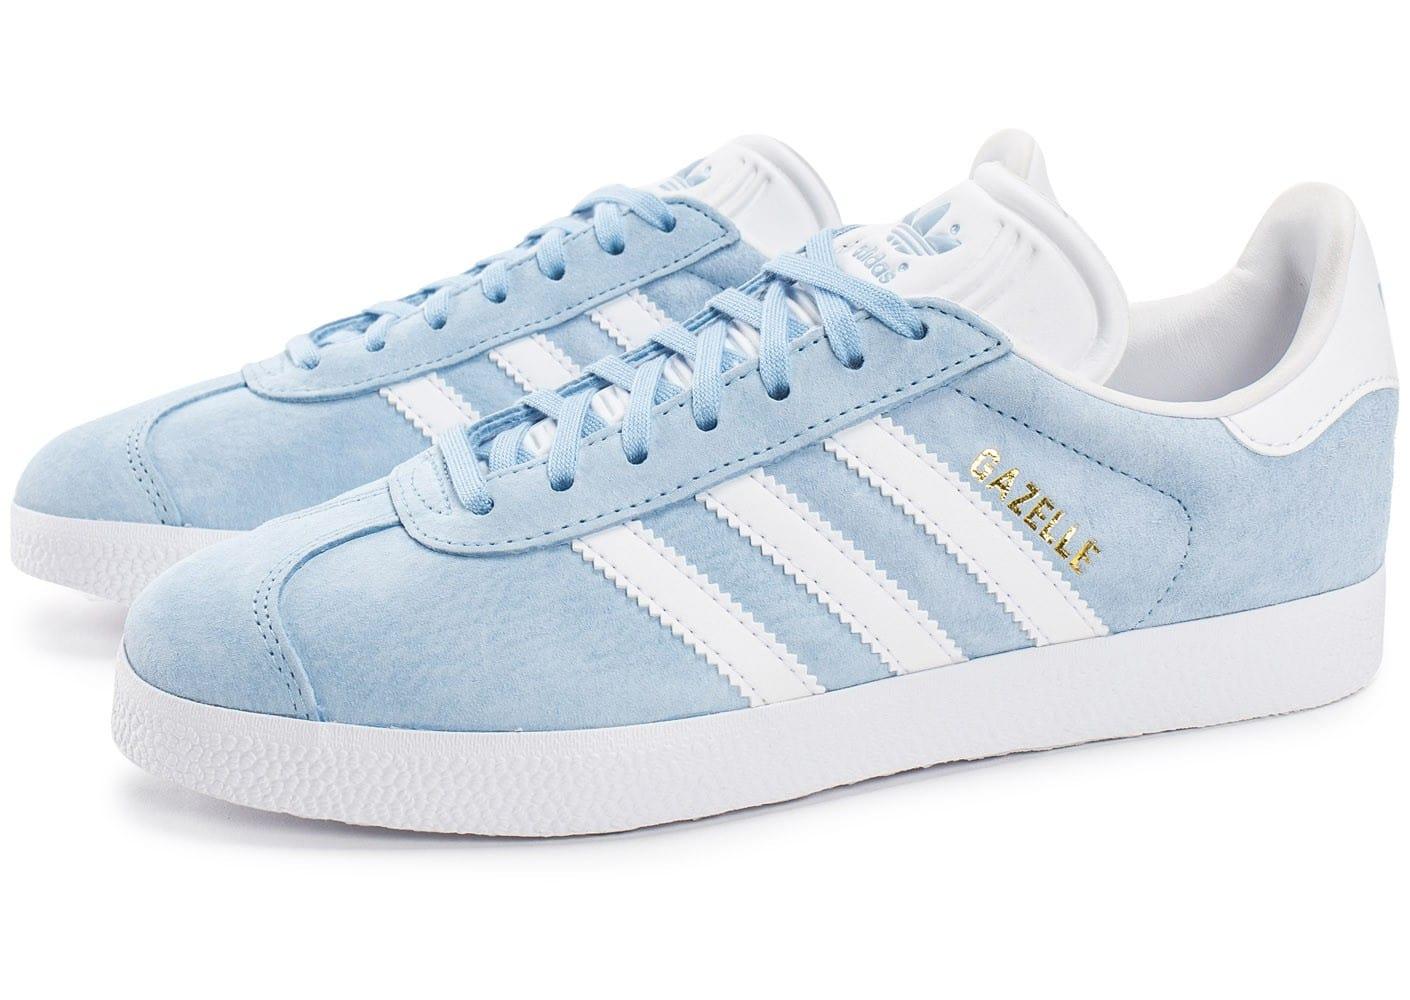 finest selection 906d7 79e66 Meilleures marques à bas prix chaussure adidas bleu ciel Cuir Unisex Baskets  - huarache pas cher fille.- malocationsaintmalo.fr